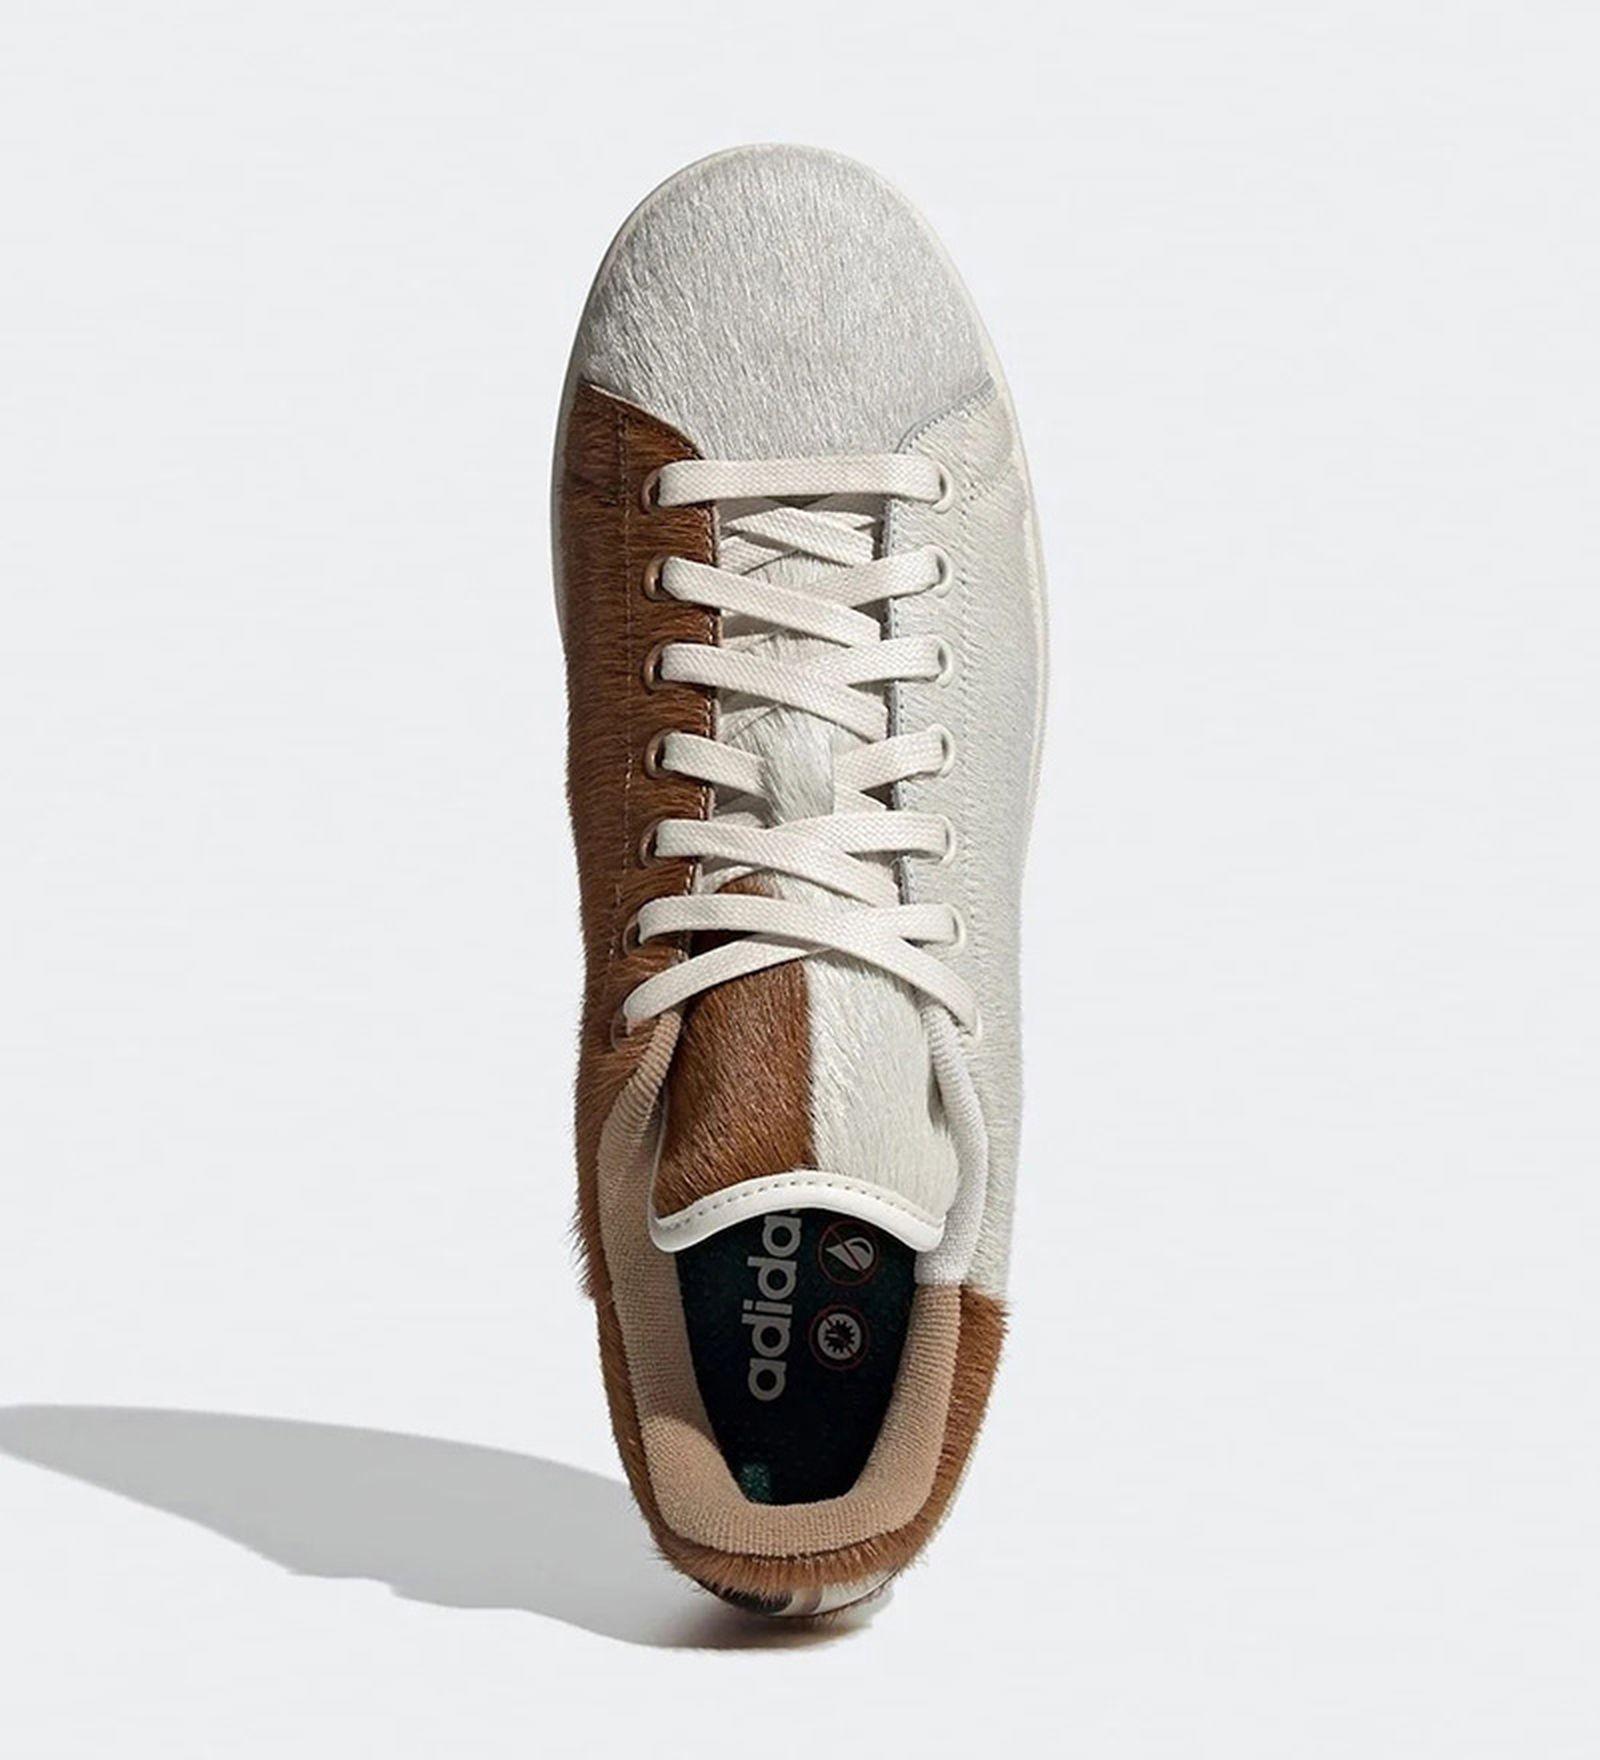 adidas-originals-stan-smith-gremlins-release-date-price-05